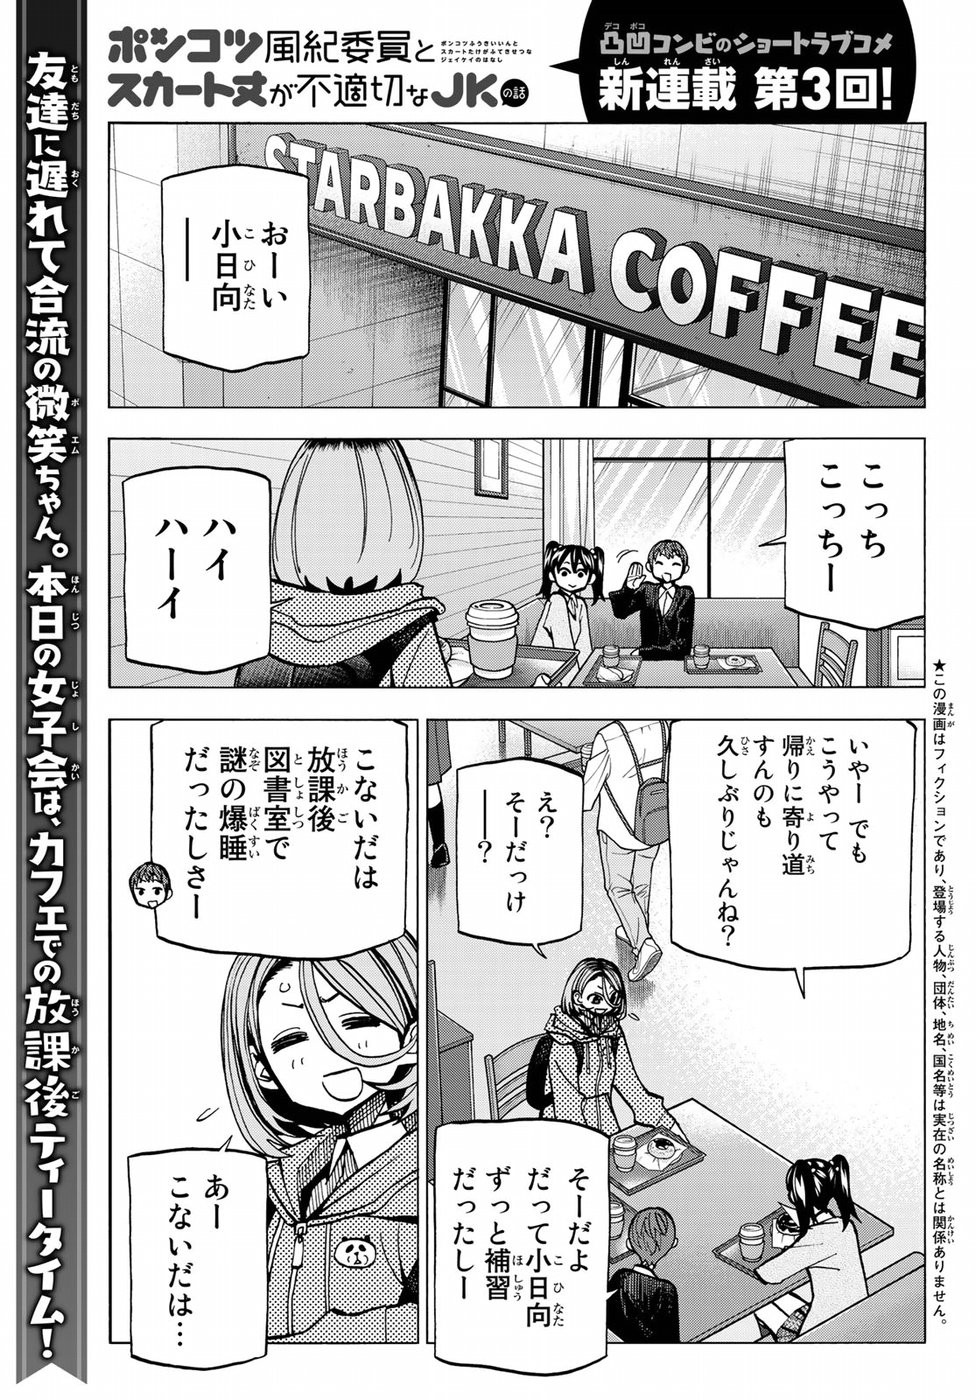 Ponkotsu-Fuukiin-to-Skirt-Take-ga-Futekisetsu-na-JK-no-Hanashi Chapter 003 Page 1